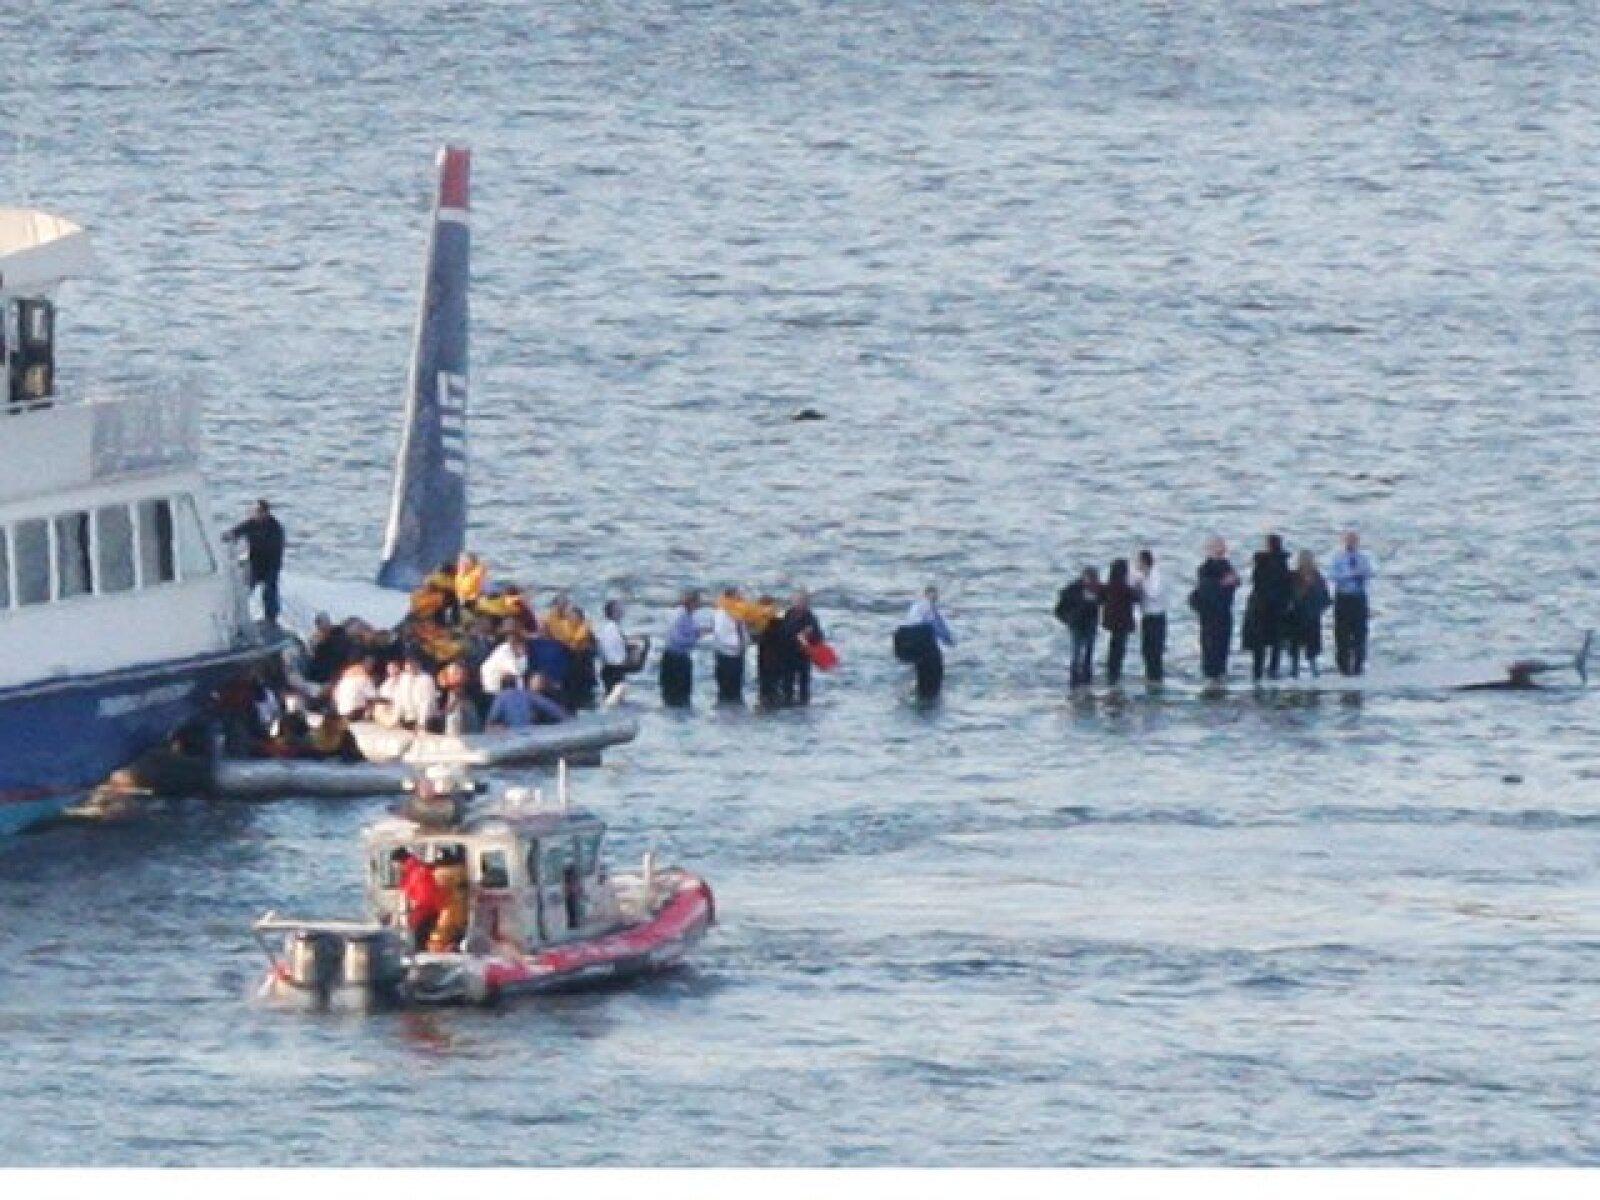 El accidente del vuelo 1549 de US Airways se produjo cerca de la calle 48 a la mitad de Manhattan.